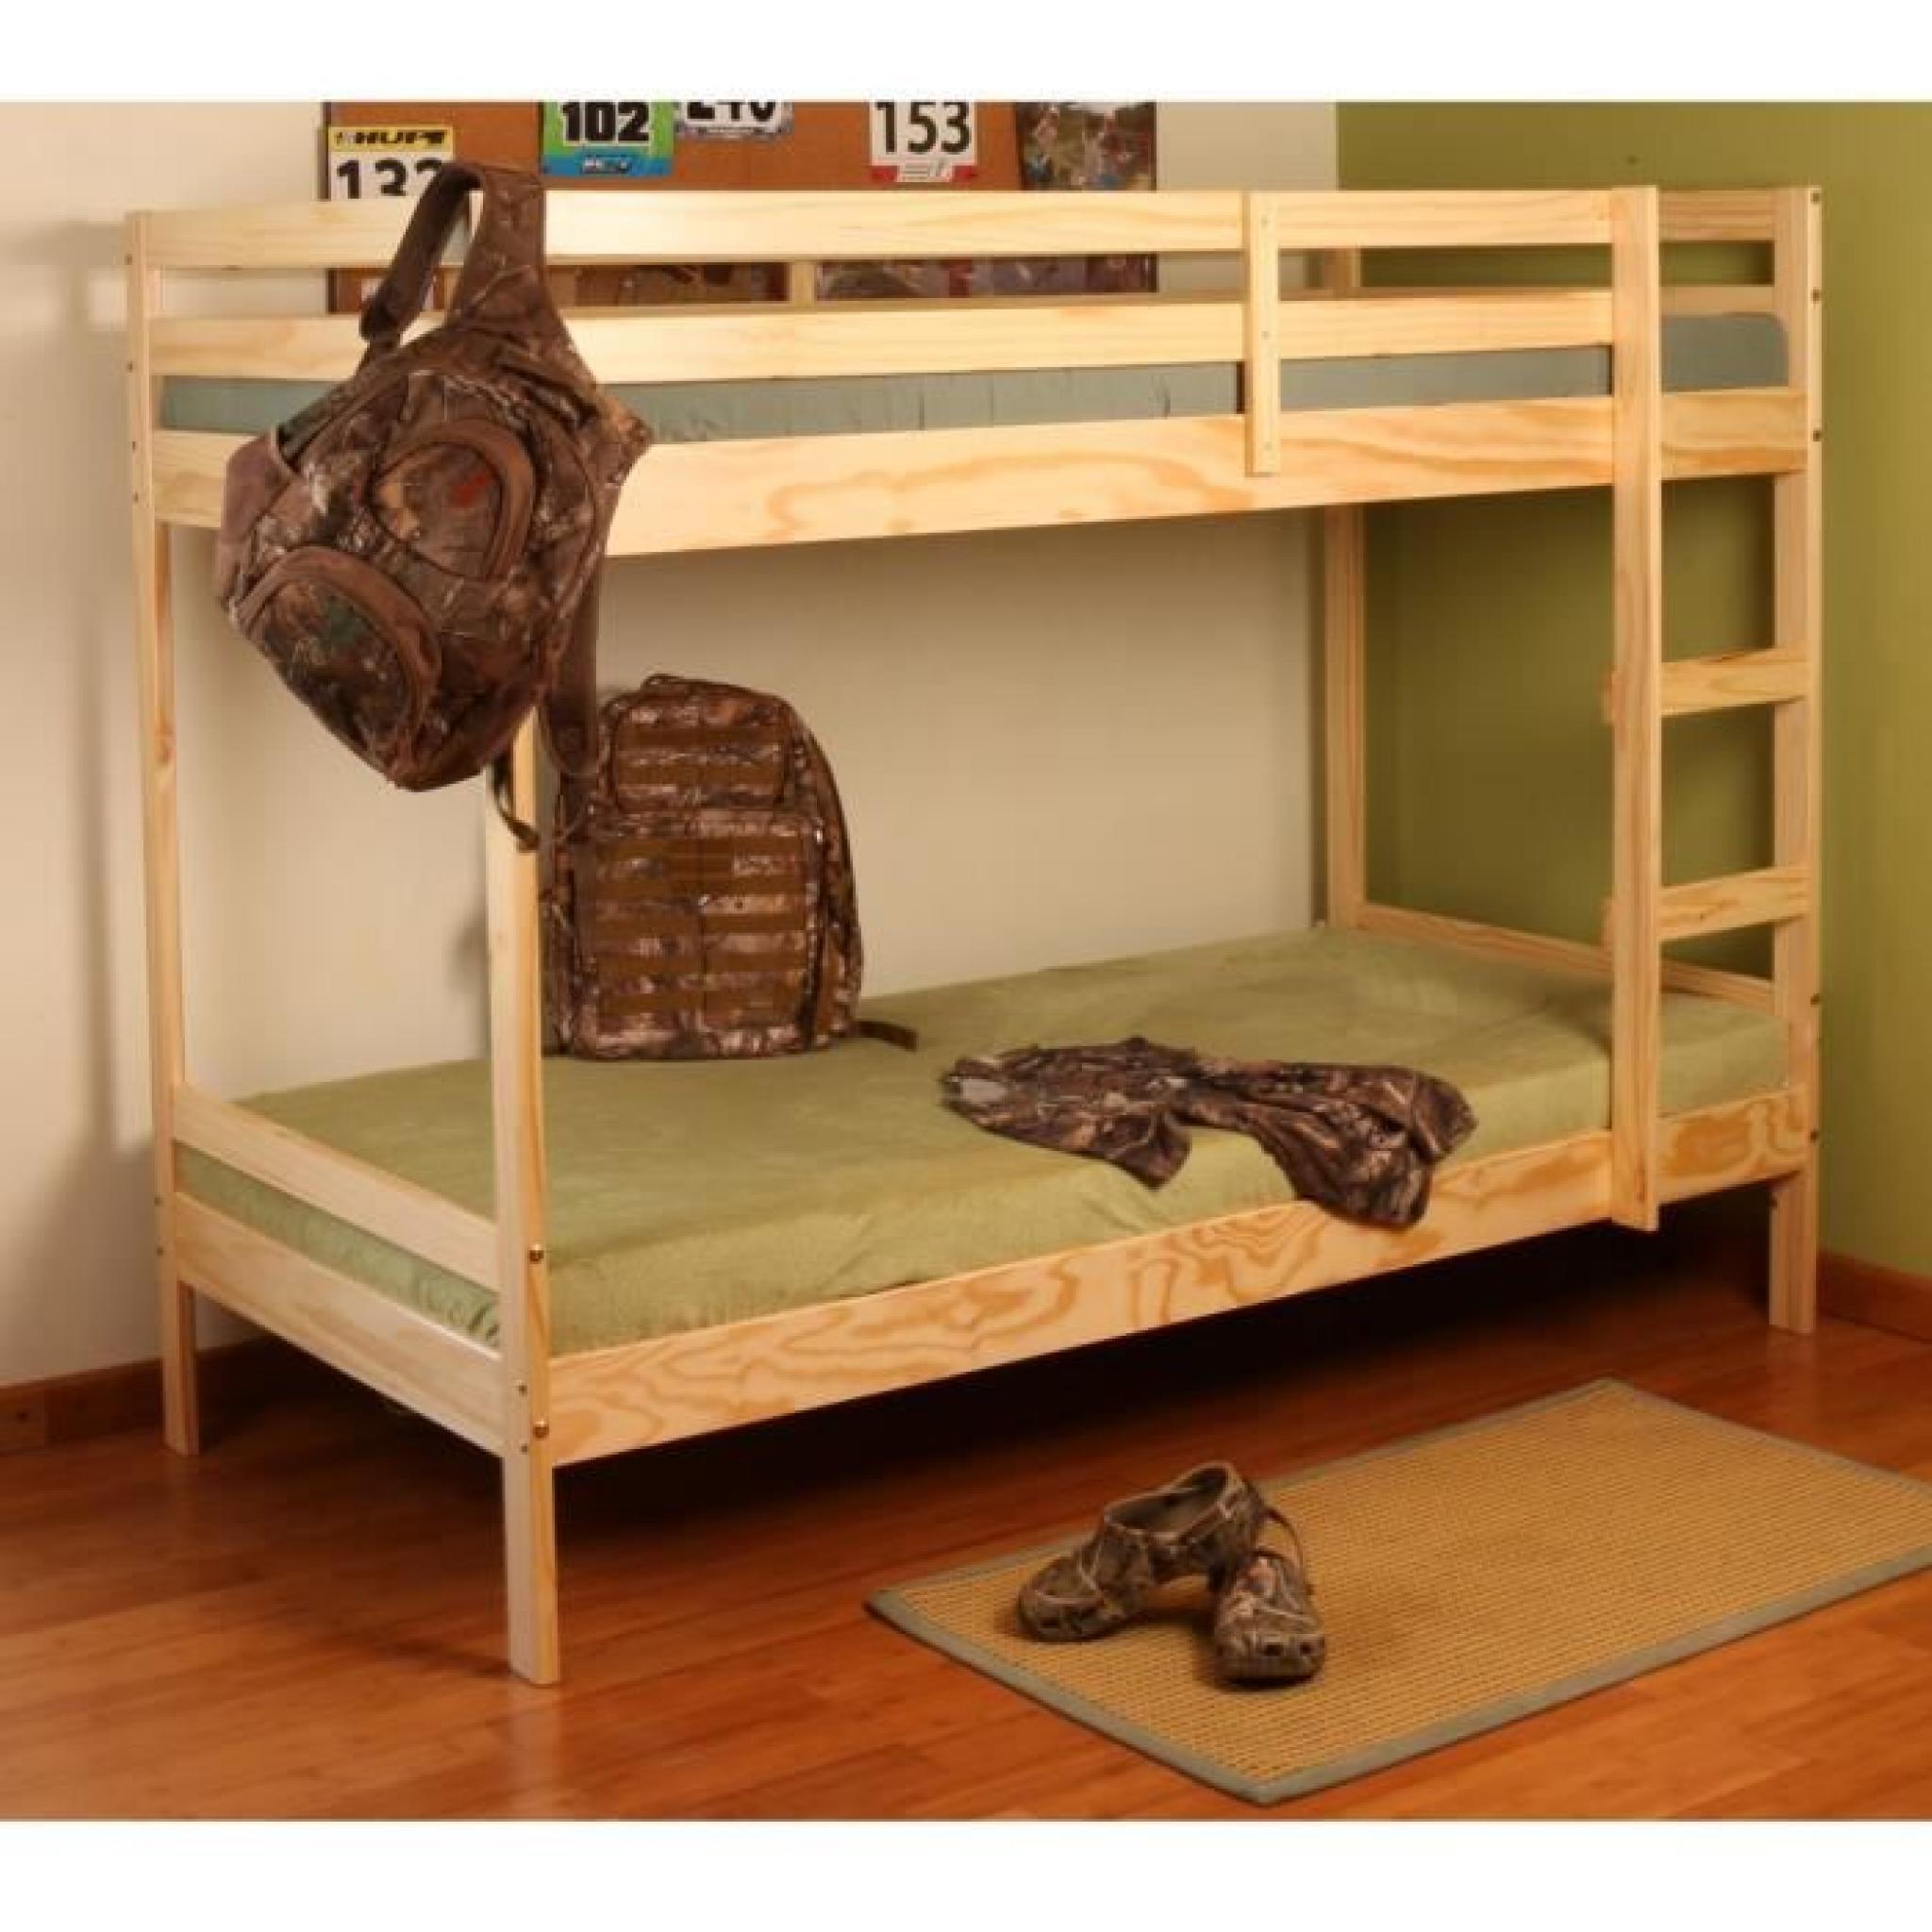 altimus lit superpos pin 90x190 pin naturel achat vente lit superpose pas cher couleur et. Black Bedroom Furniture Sets. Home Design Ideas